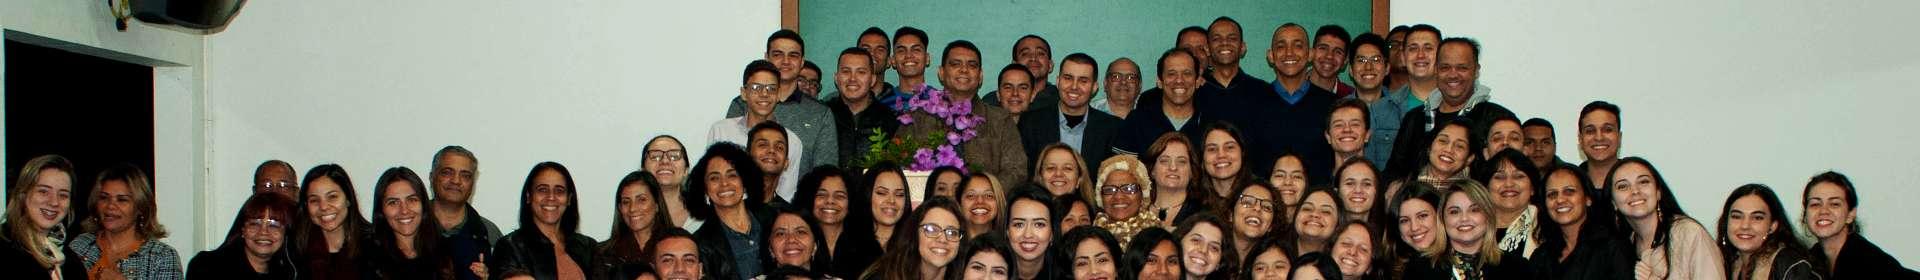 Evangelização e assistência em São José dos Campos, SP, reúne membros da Igreja Cristã Maranata do Sudeste e Centro-Oeste